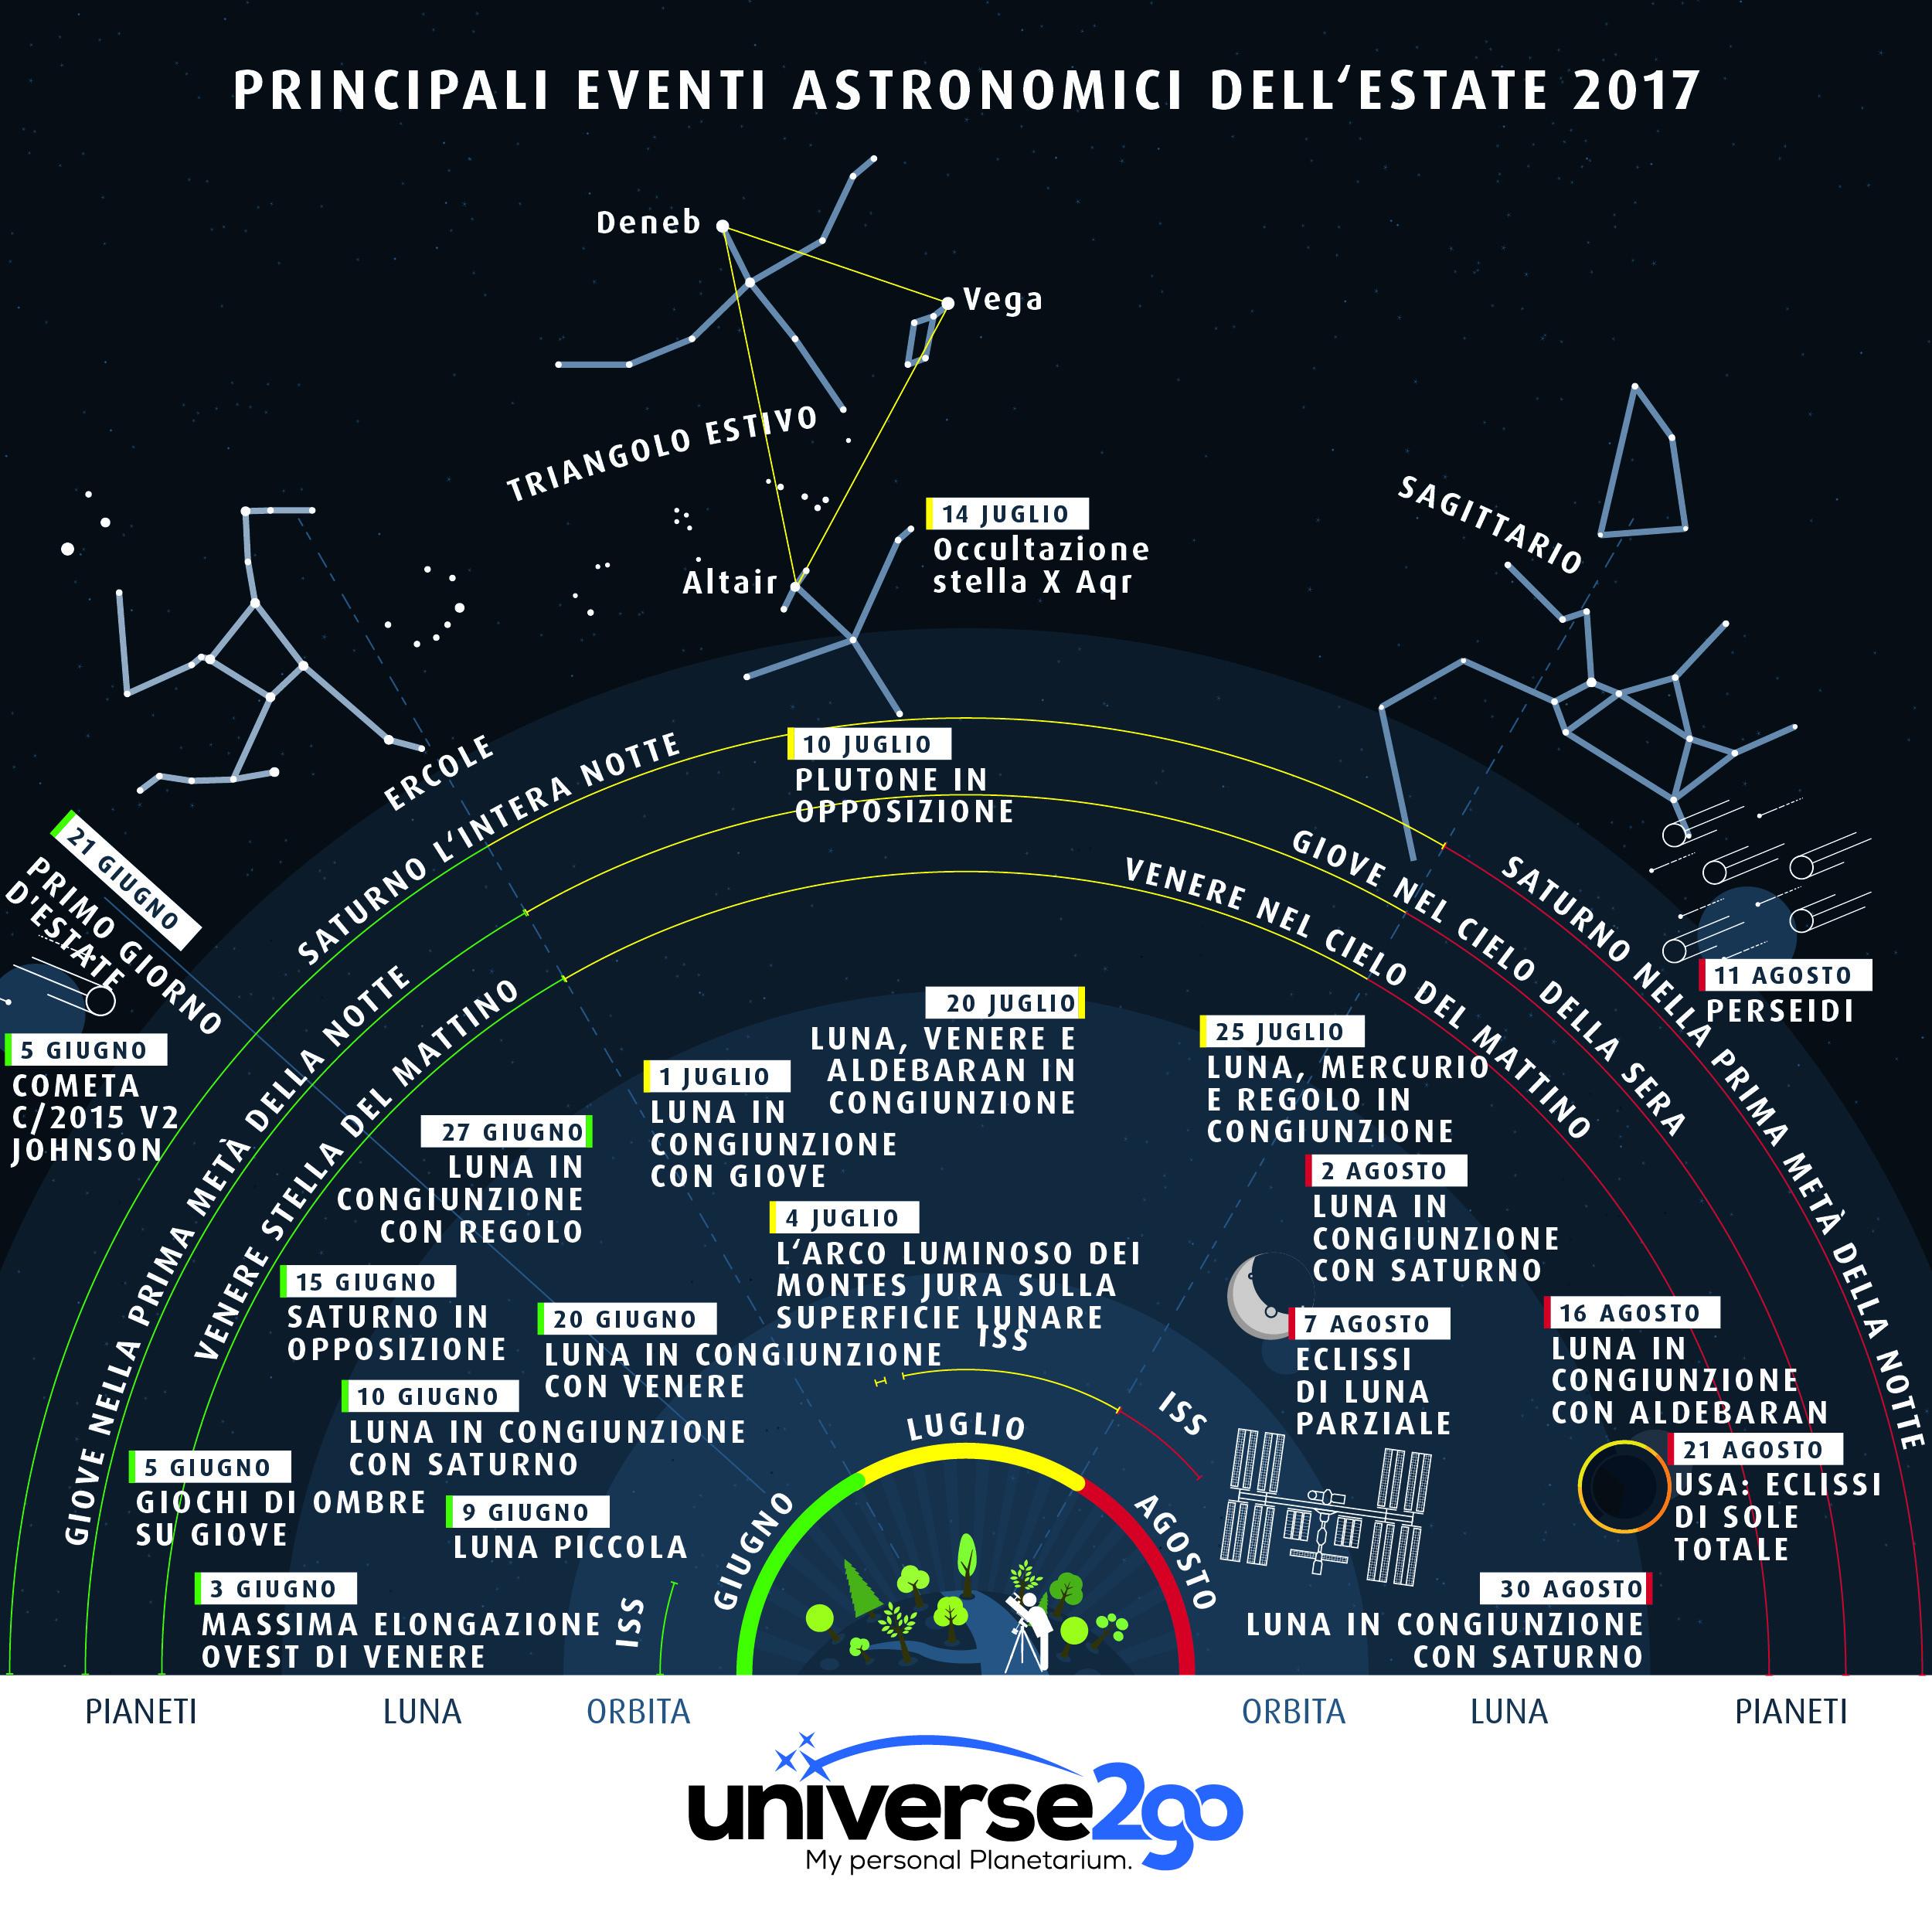 u2g-infografica-PRINCIPALI EVENTI ASTRONOMICI DELL'ESTATE 2017